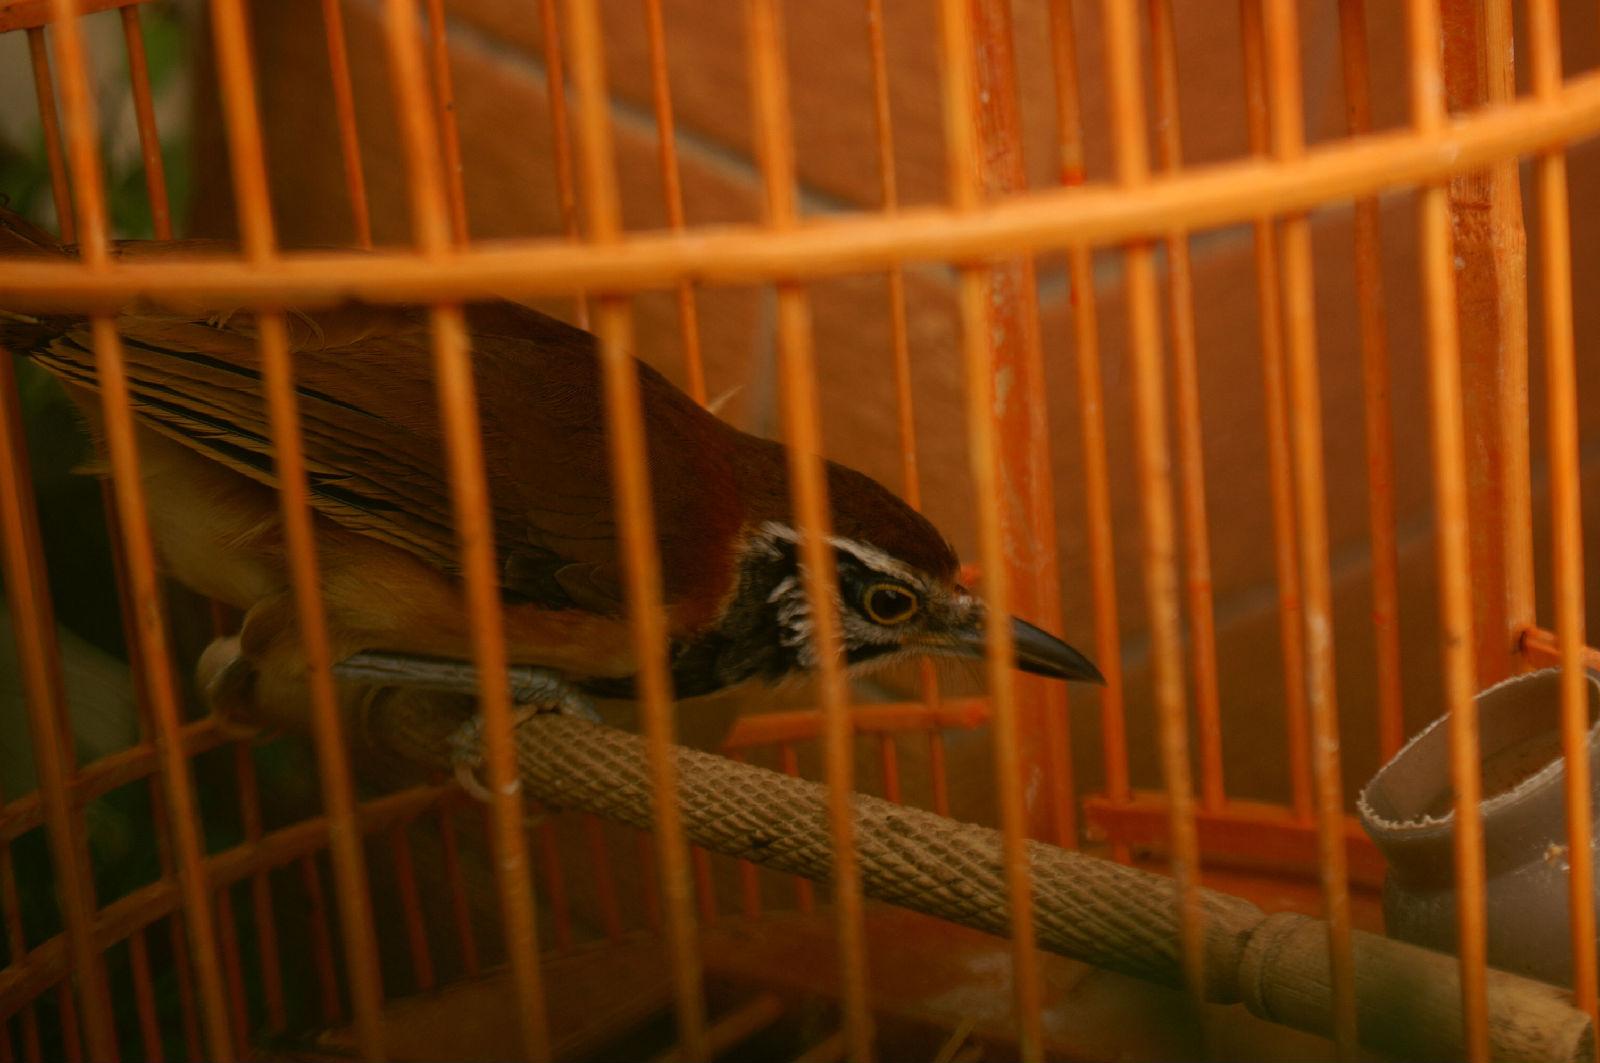 最全的画眉眼水图谱; 原来我家的鸟叫黑领噪鹛;(1600x1063)-画